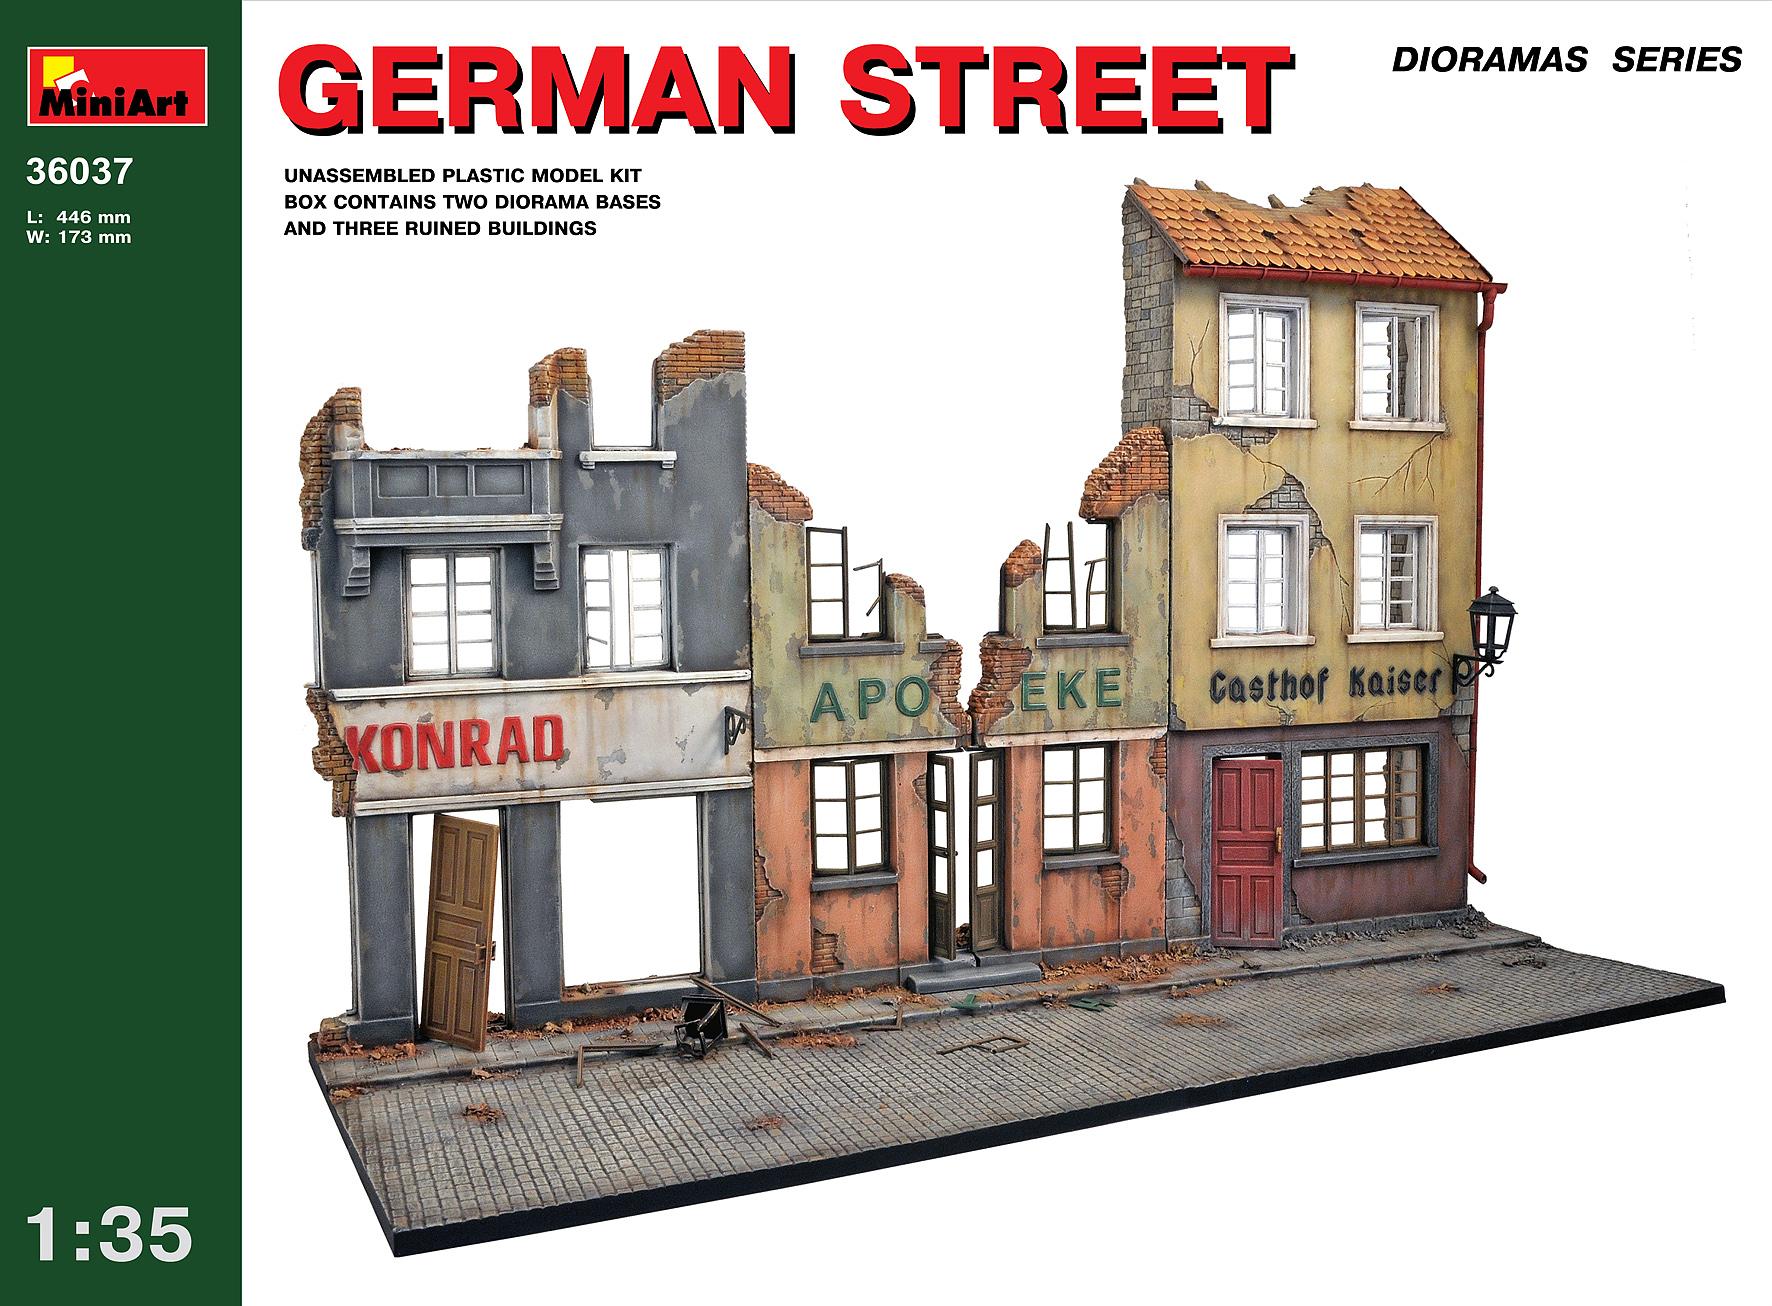 36037 GERMAN STREET